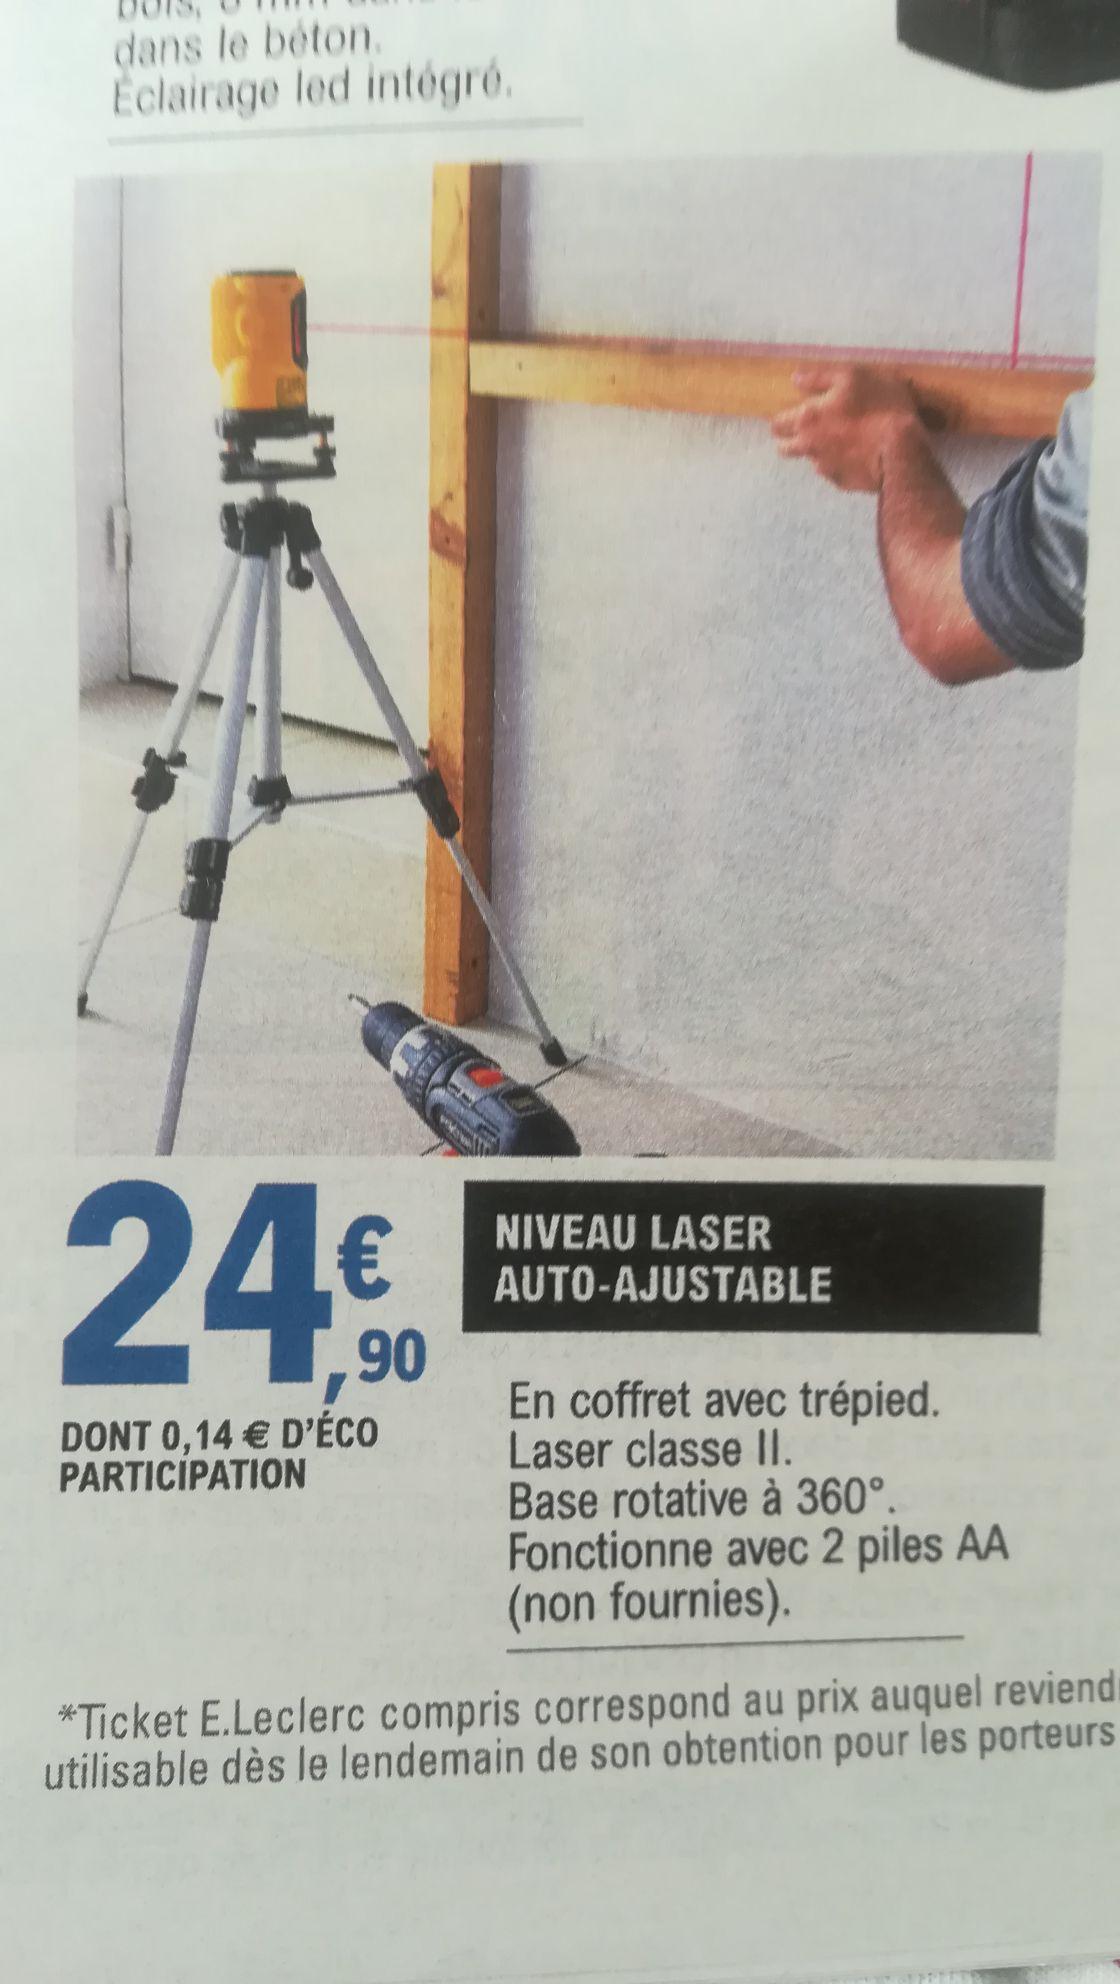 Niveau laser auto-ajustable avec trépied